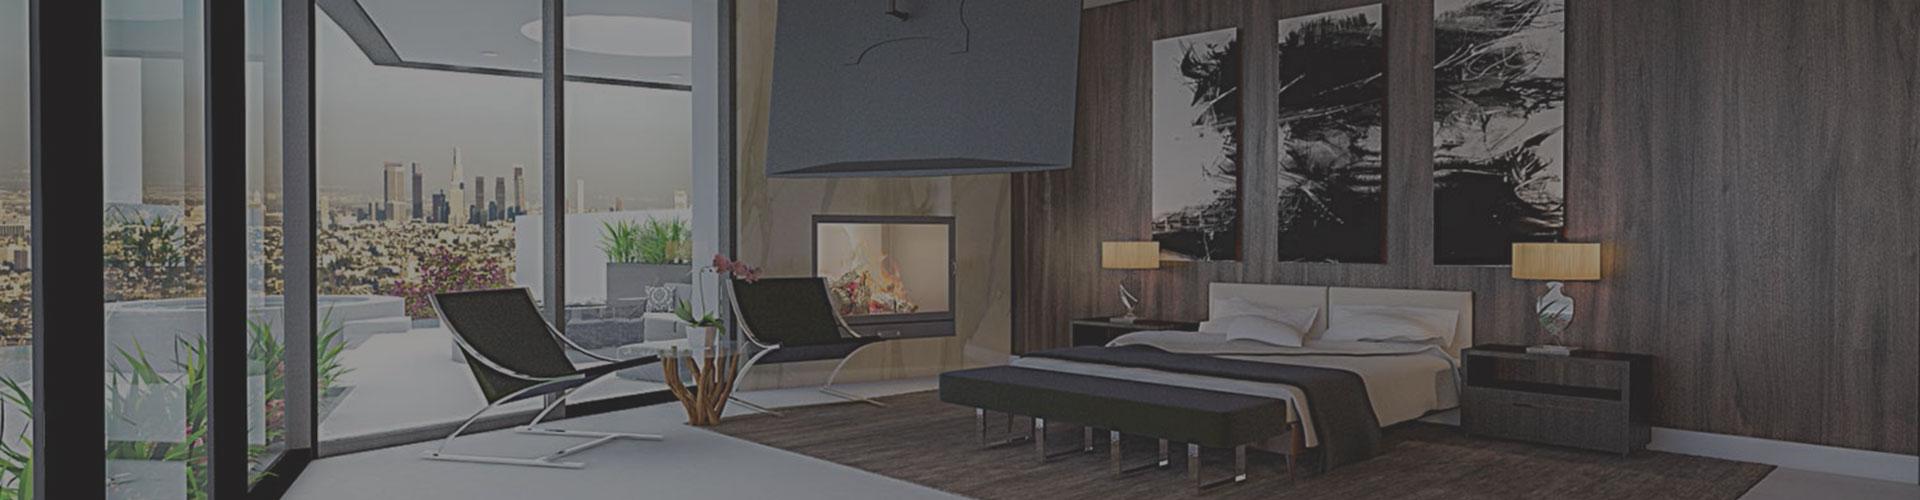 banner trang chu - Thiết kế nội thất chung cư